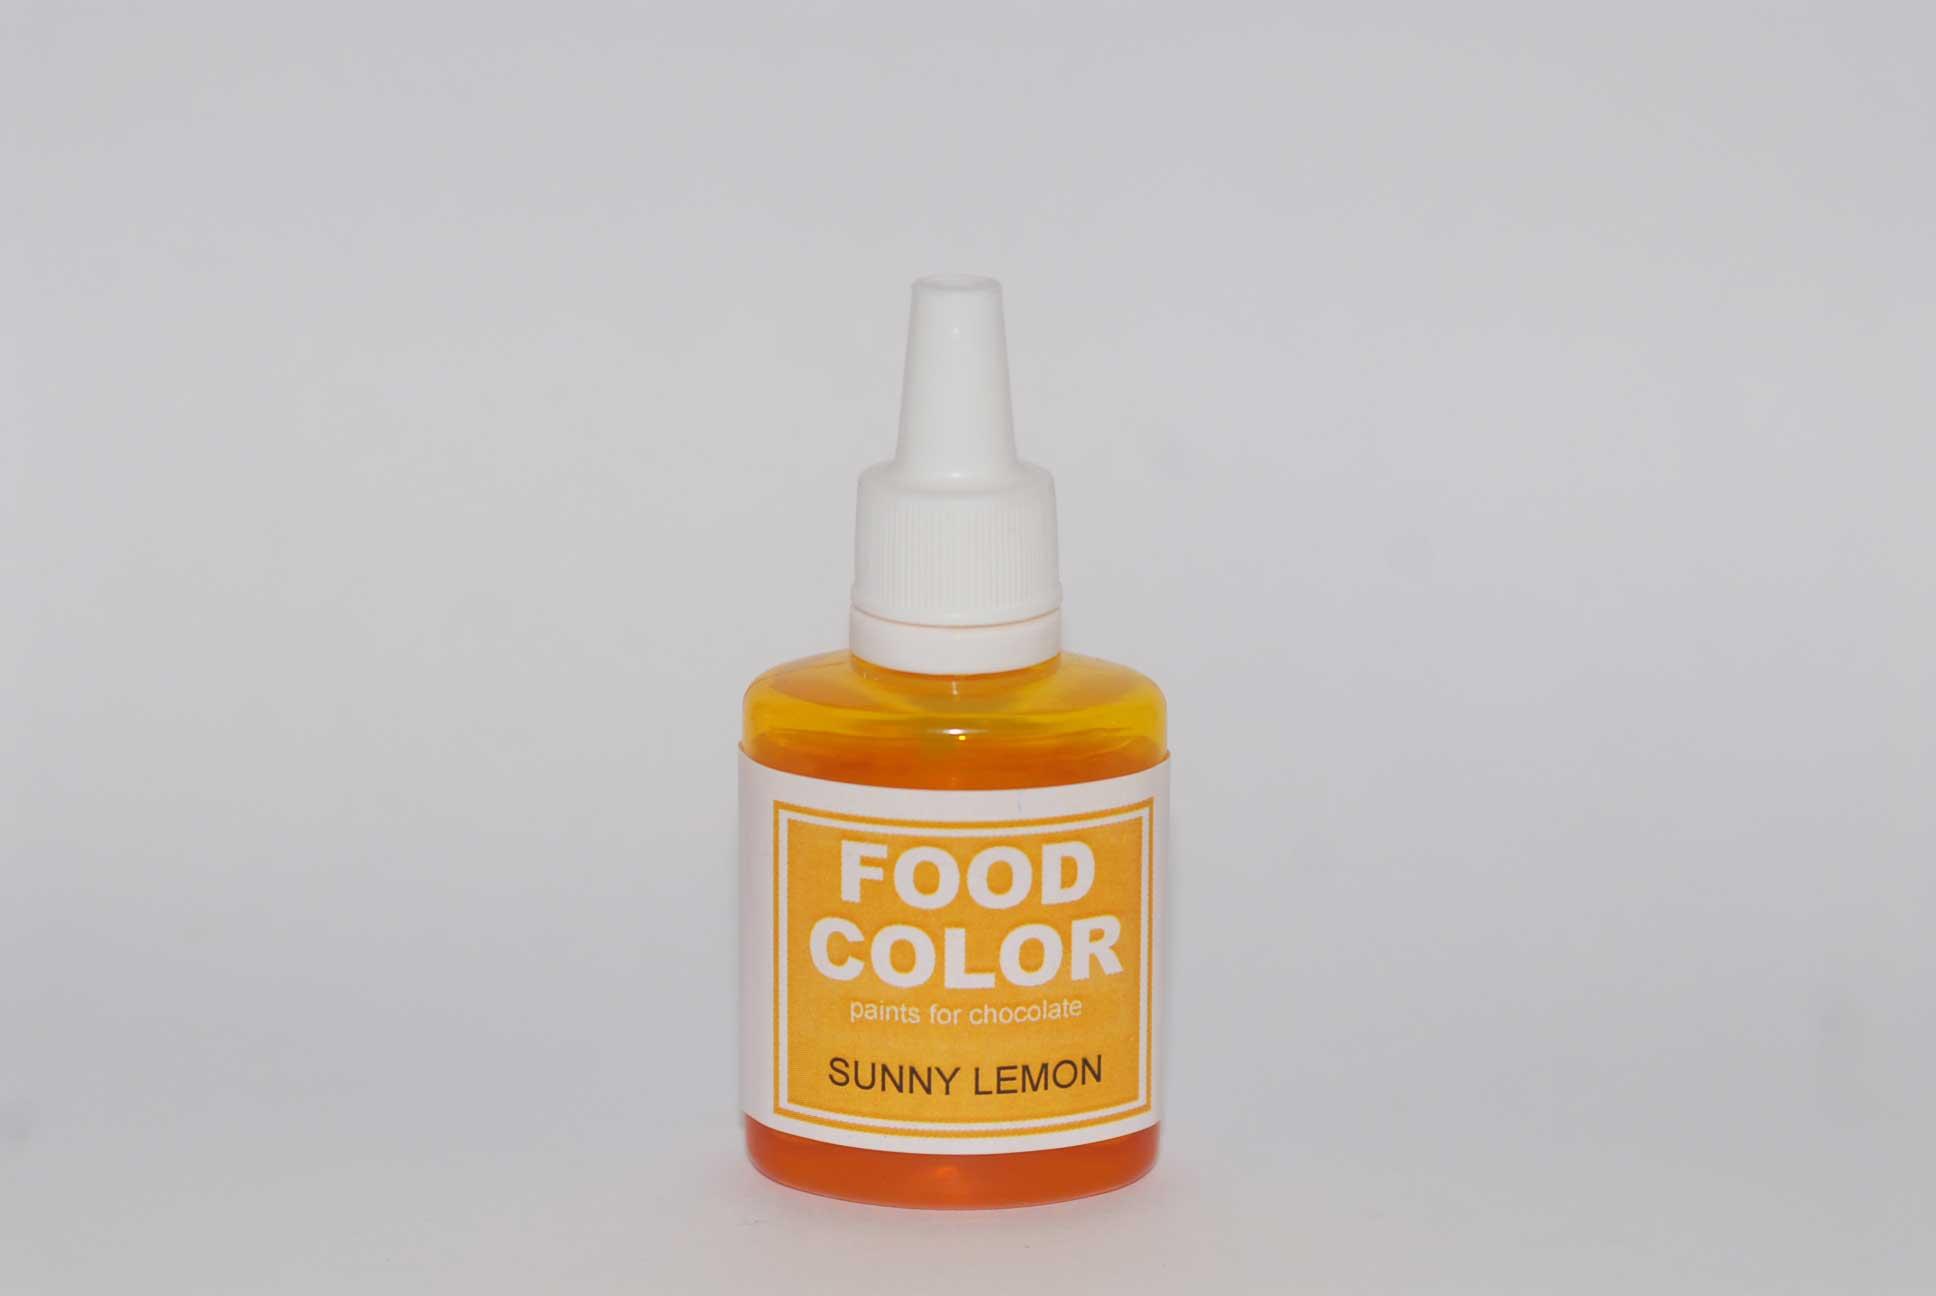 Краситель для шоколада FOOD COLOR Sunny Lemon / Солнечный лимон, 25 гр